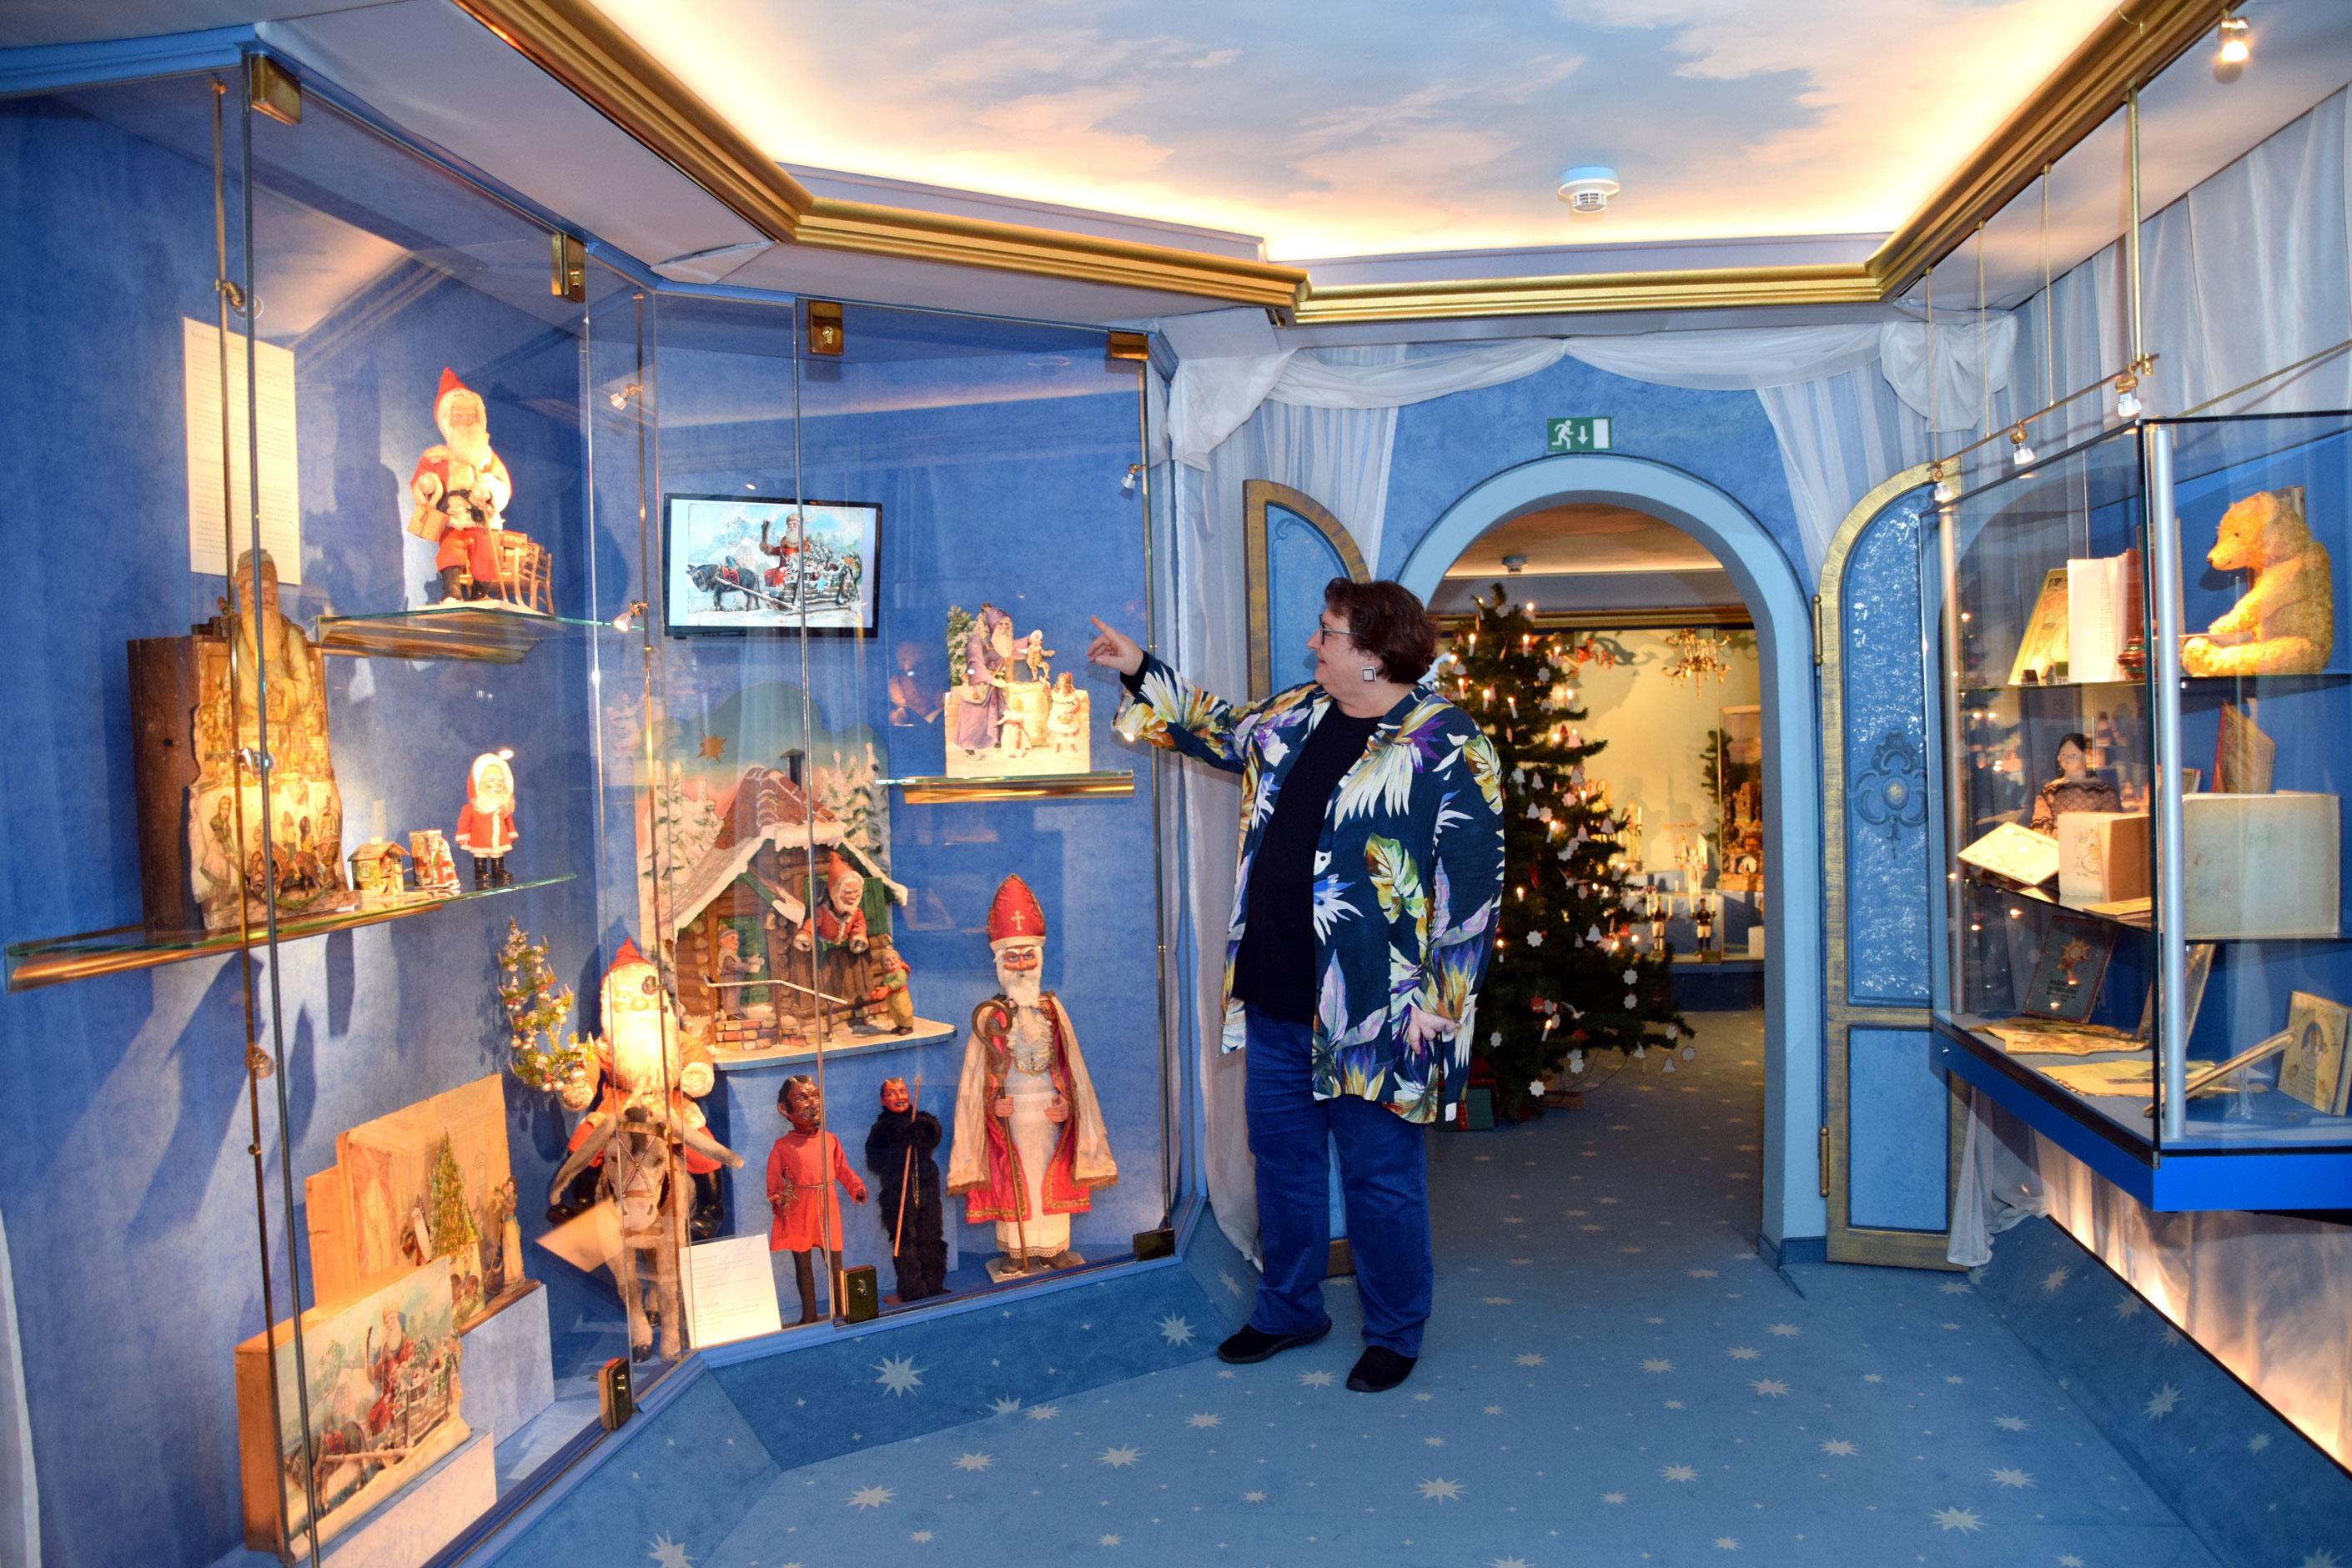 Museumsleiterin Felicitas Höptner mit den mechanischen Weihnachtsdarstellungen, einer Besonderheit des Museums. Foto: am